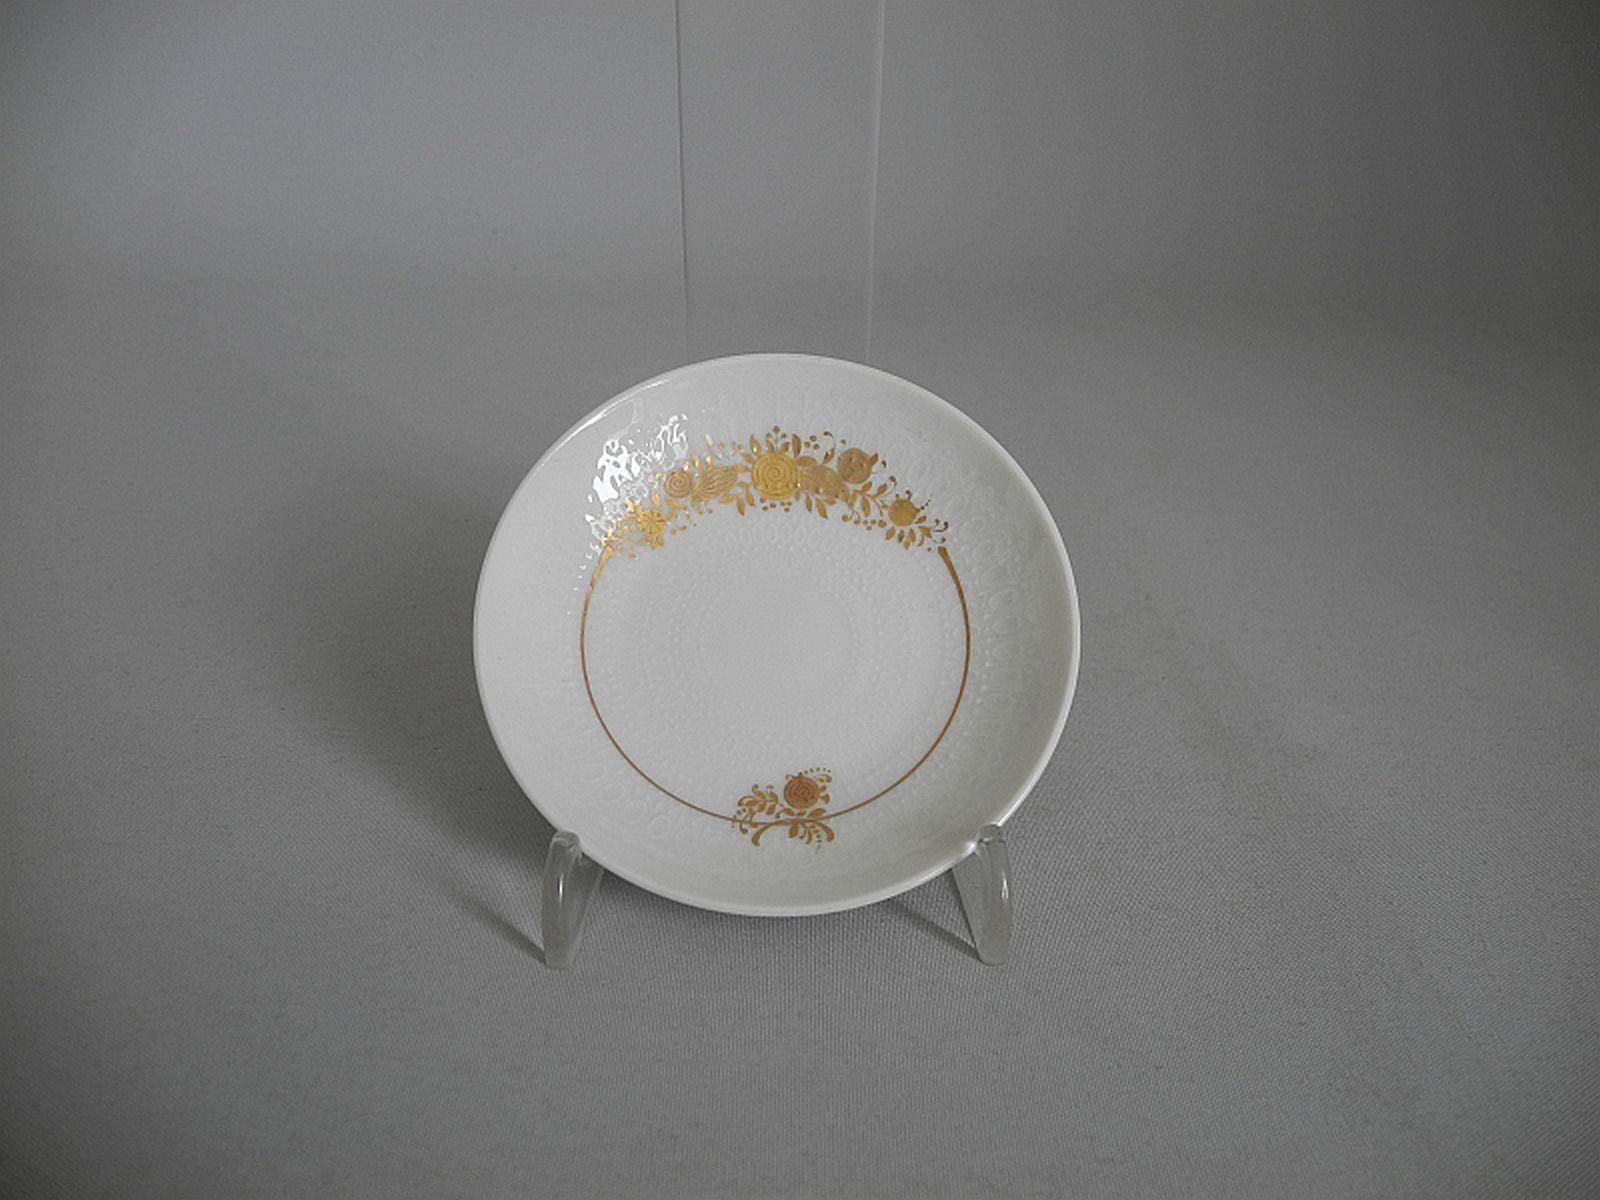 Rosenthal Romance en la majeur 6 confitures assiette sachet de thé-papiers-RAR